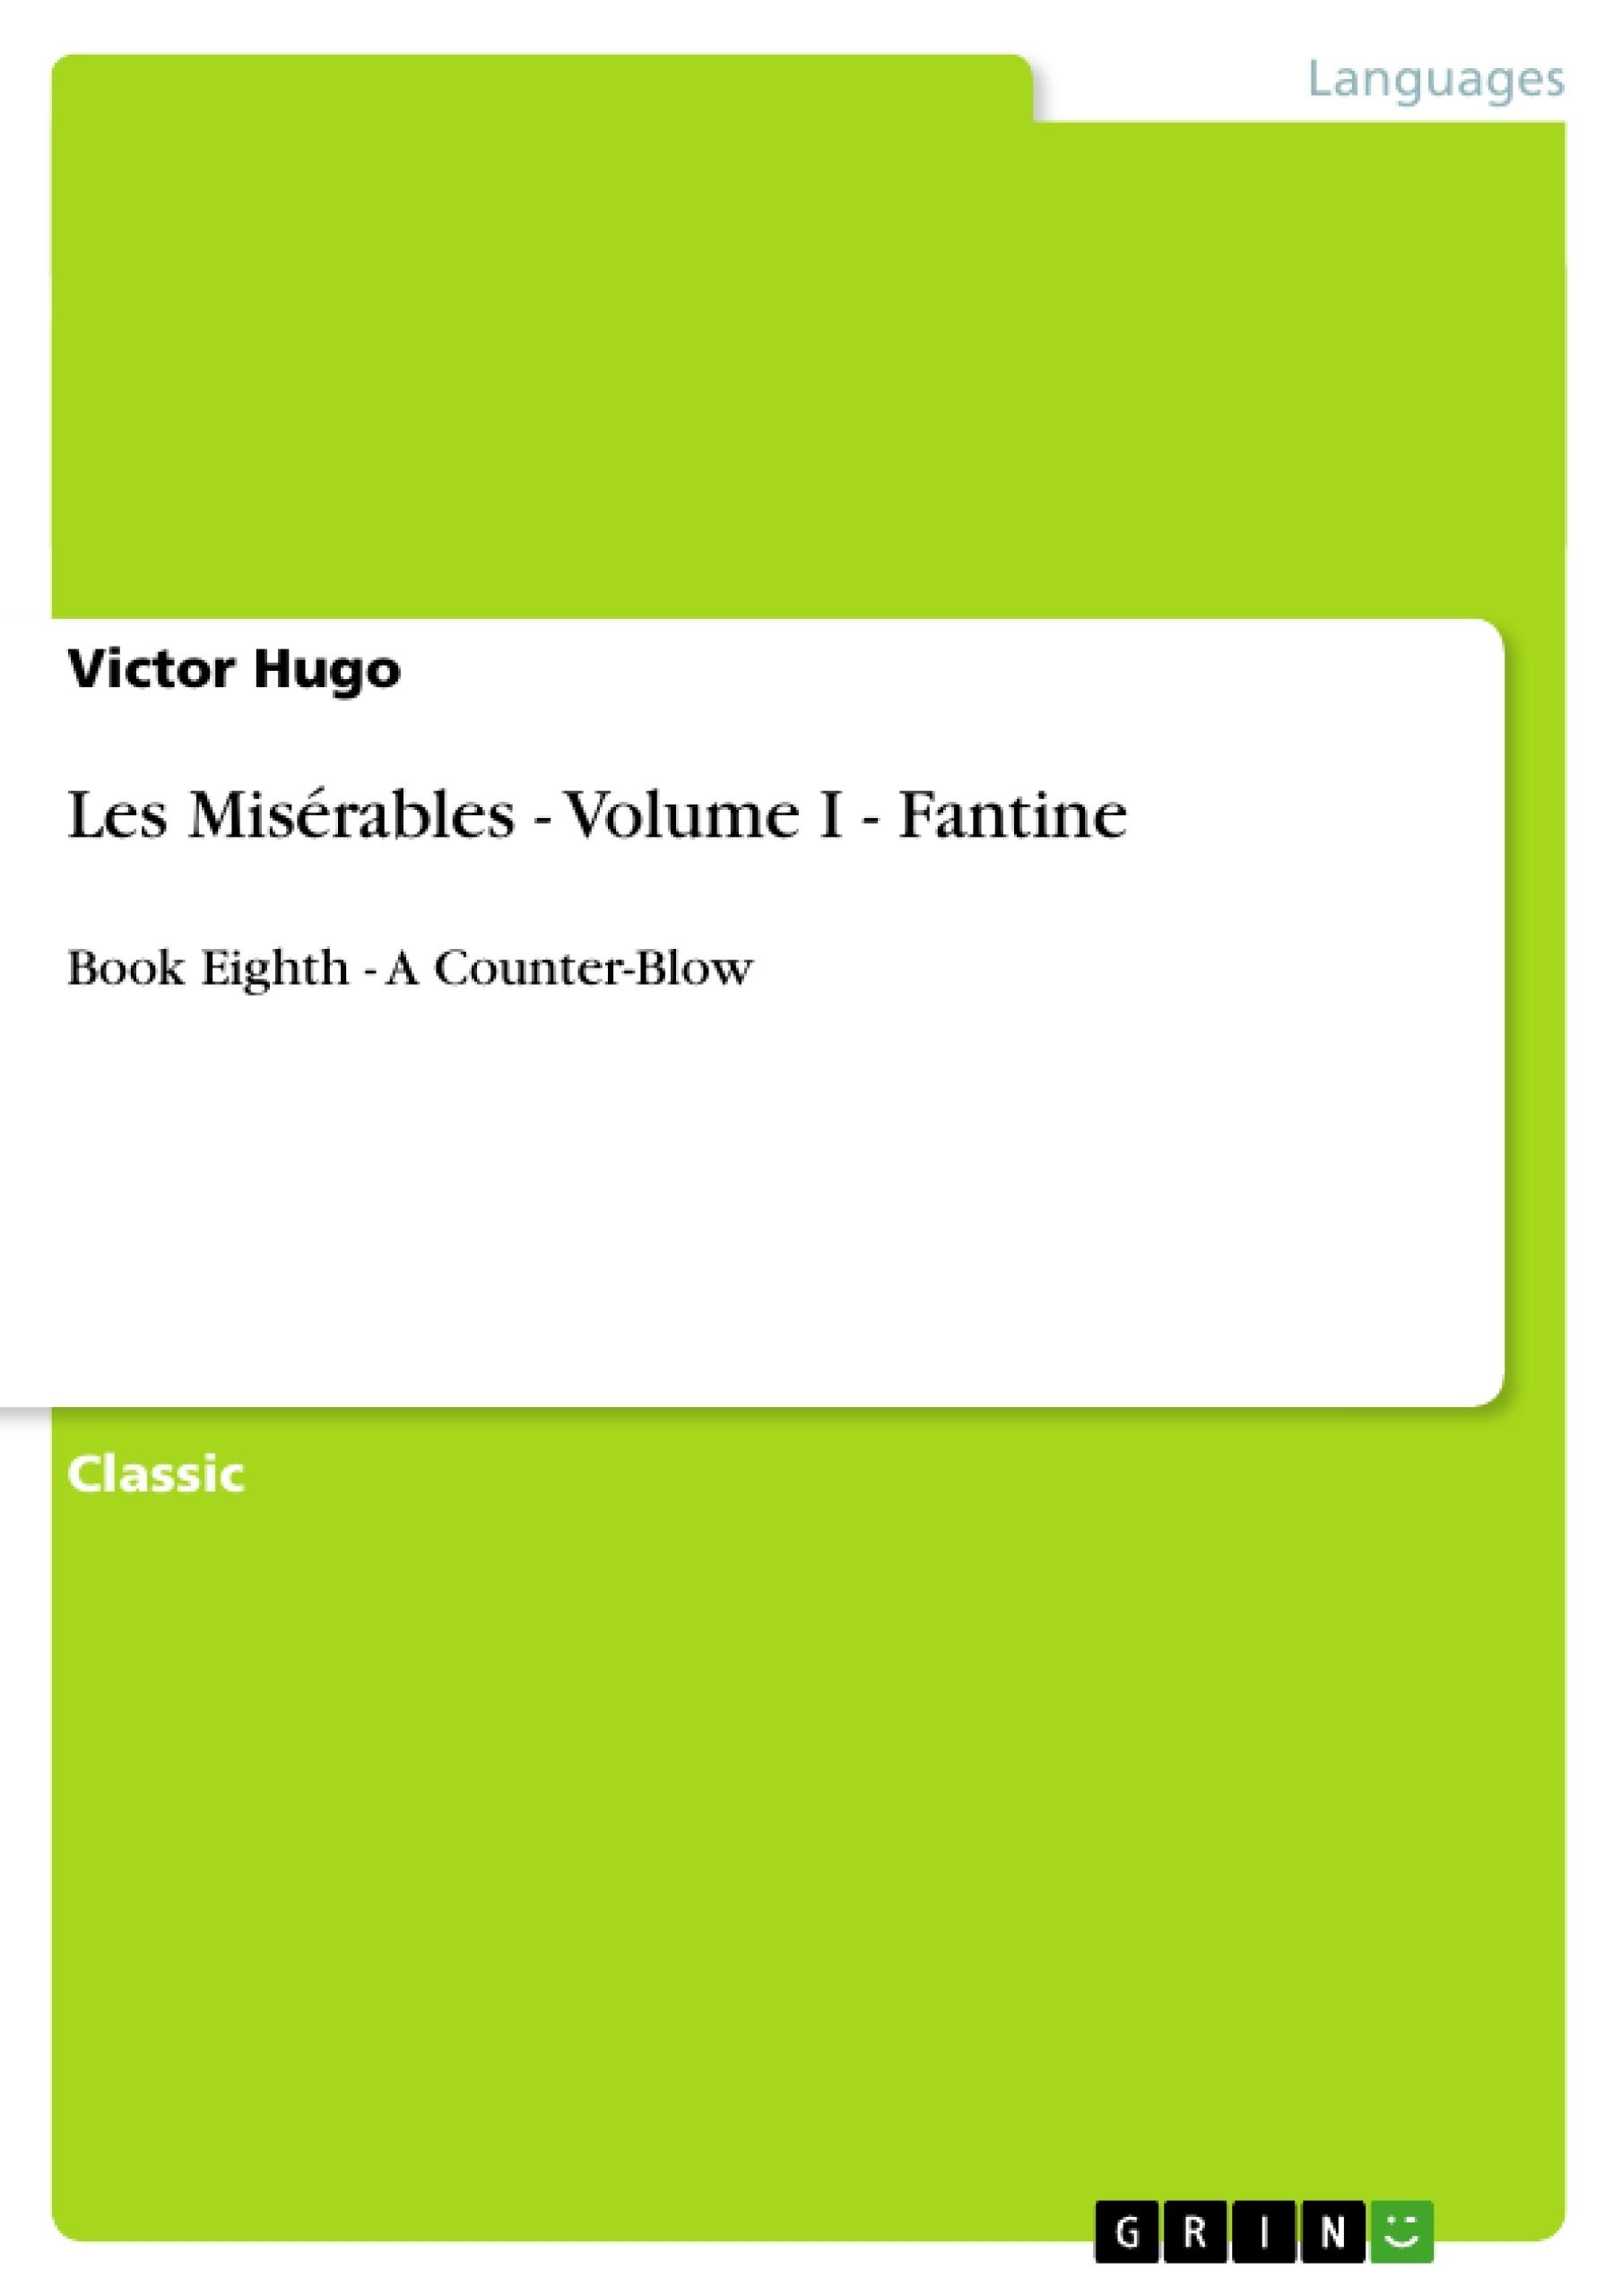 Title: Les Misérables - Volume I - Fantine